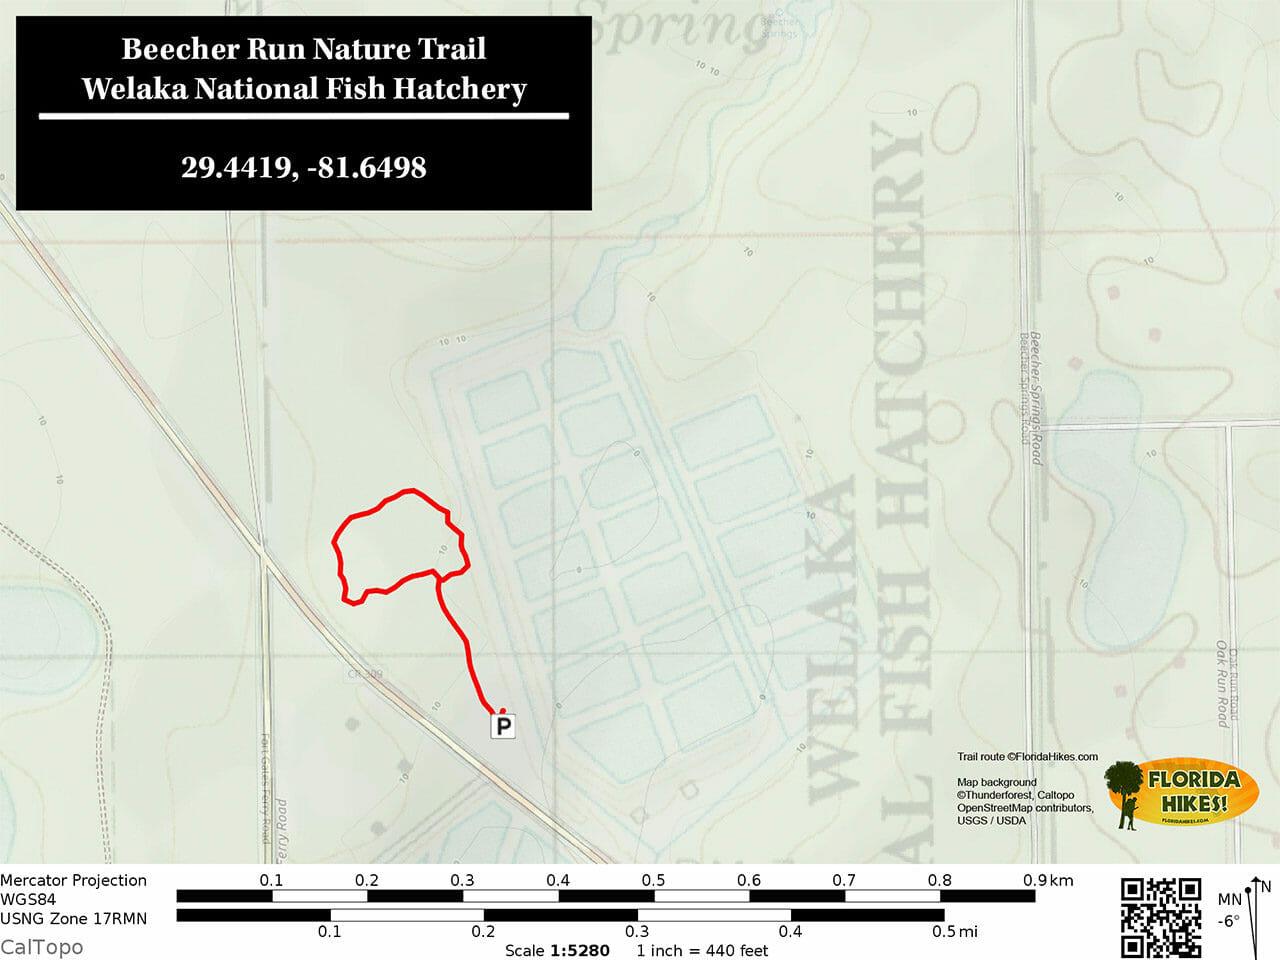 Beecher Run Nature Trail map